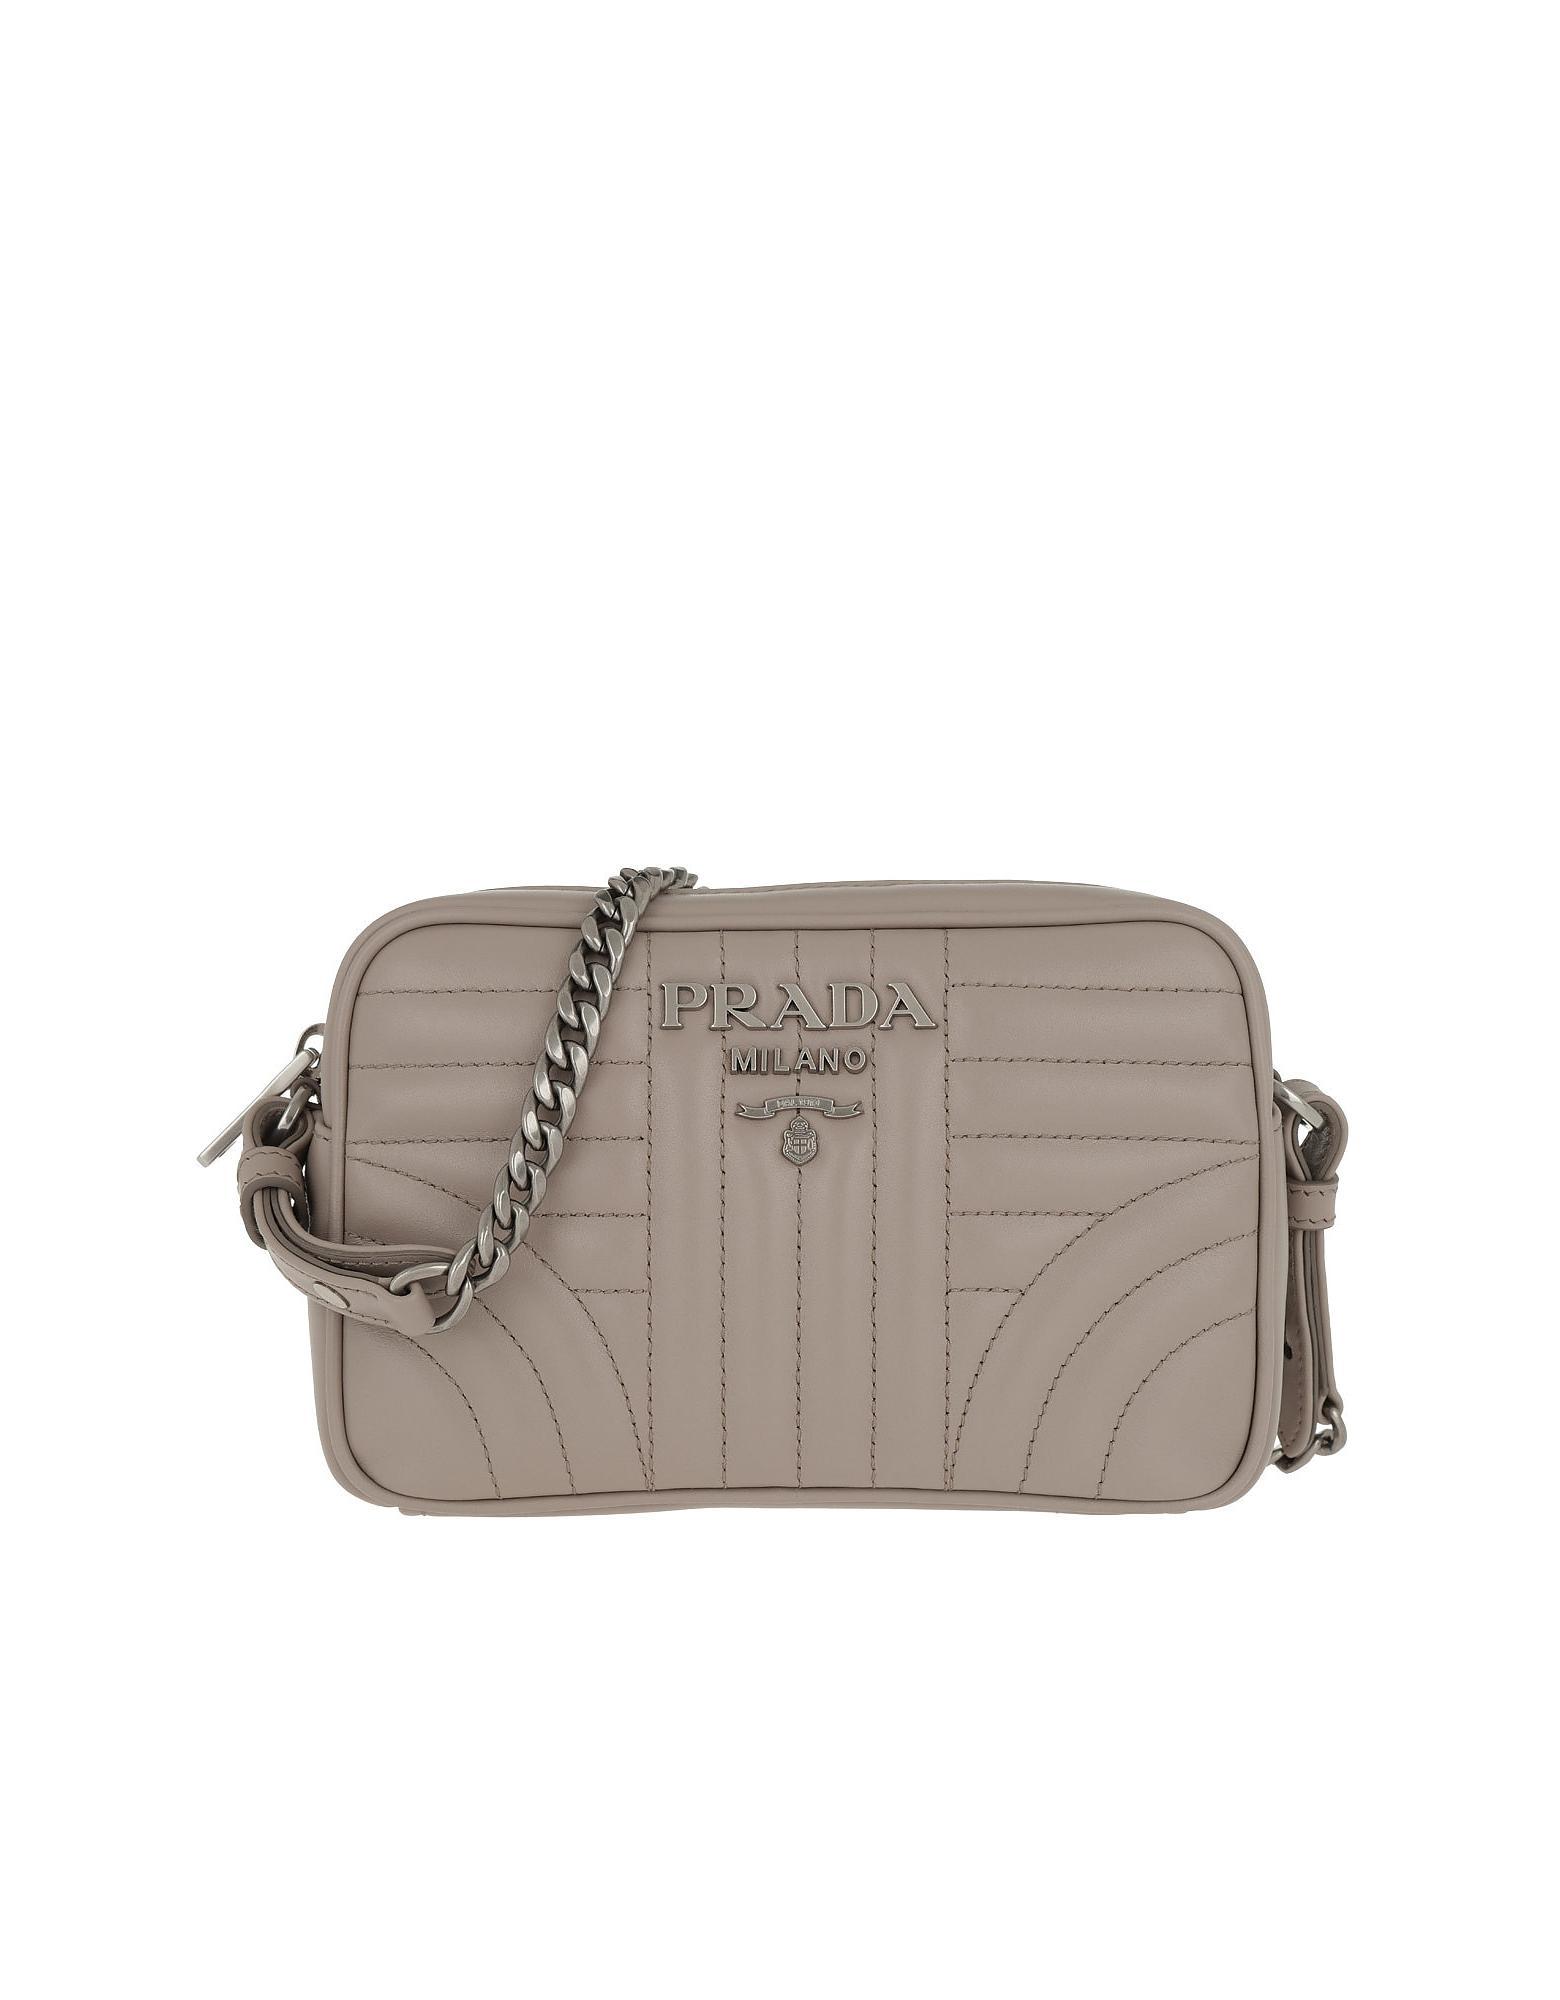 078dd5234bda Lyst - Prada Diagramme Crossbody Bag Leather Pomice 2 in Pink